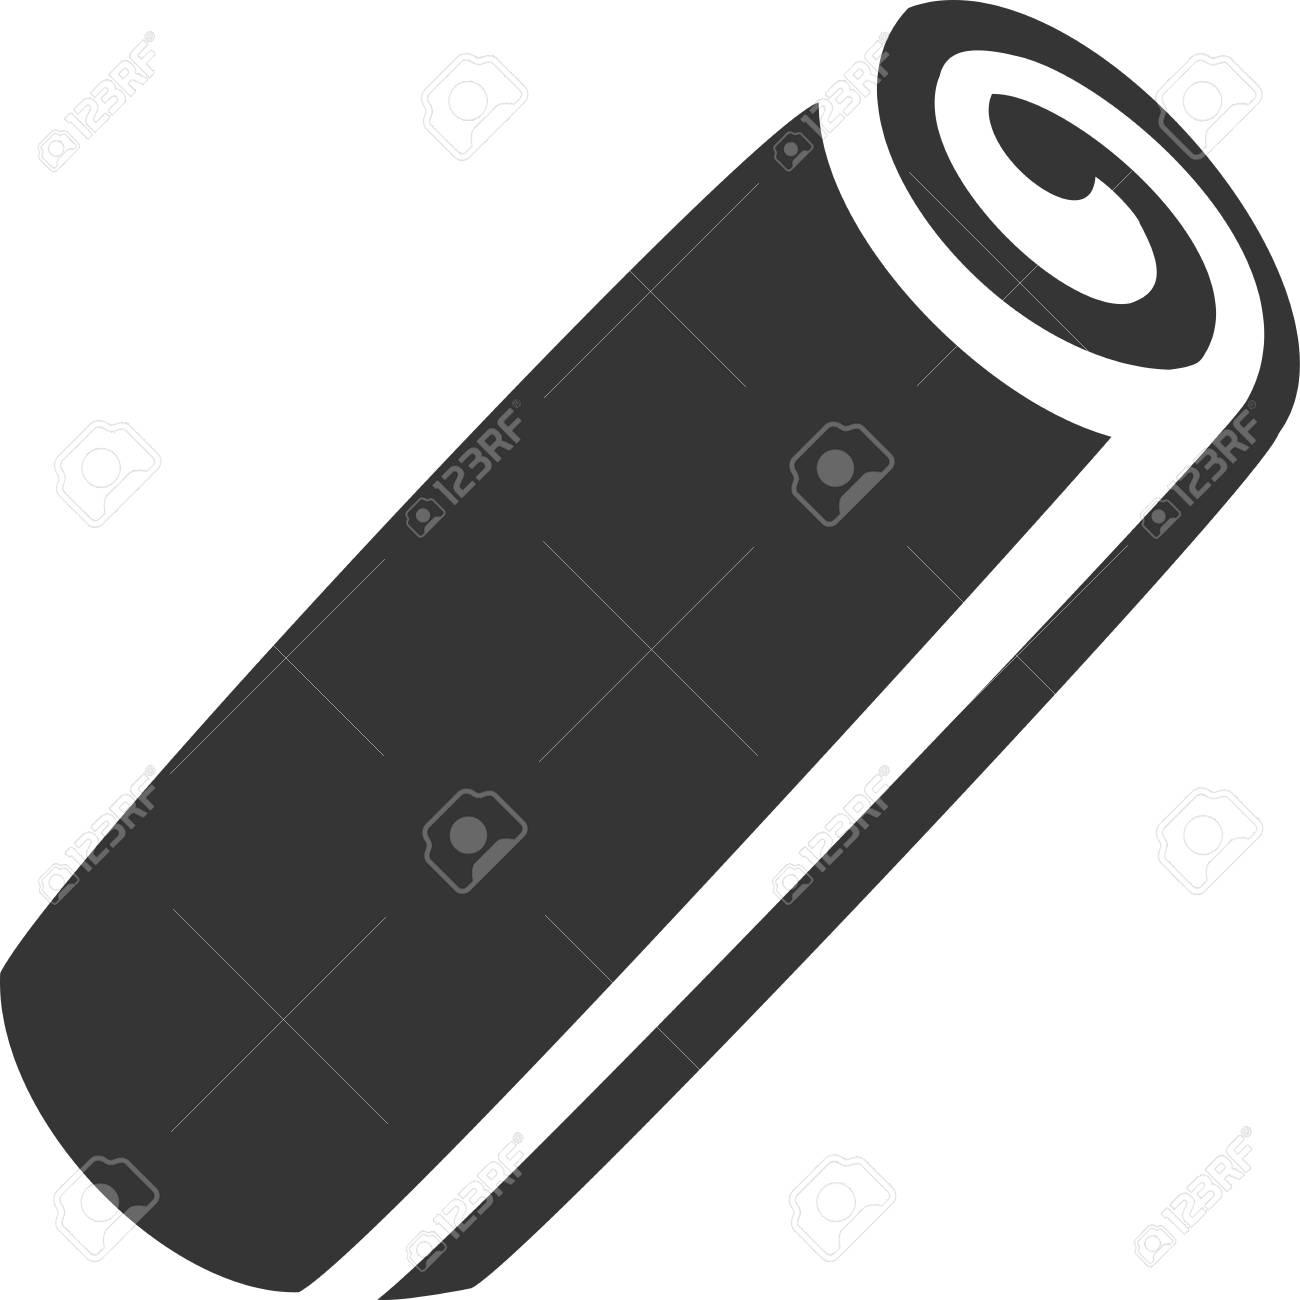 Handtuchrolle Gefullt Kreative Vektor Icon Shape Bad Teppich Oder